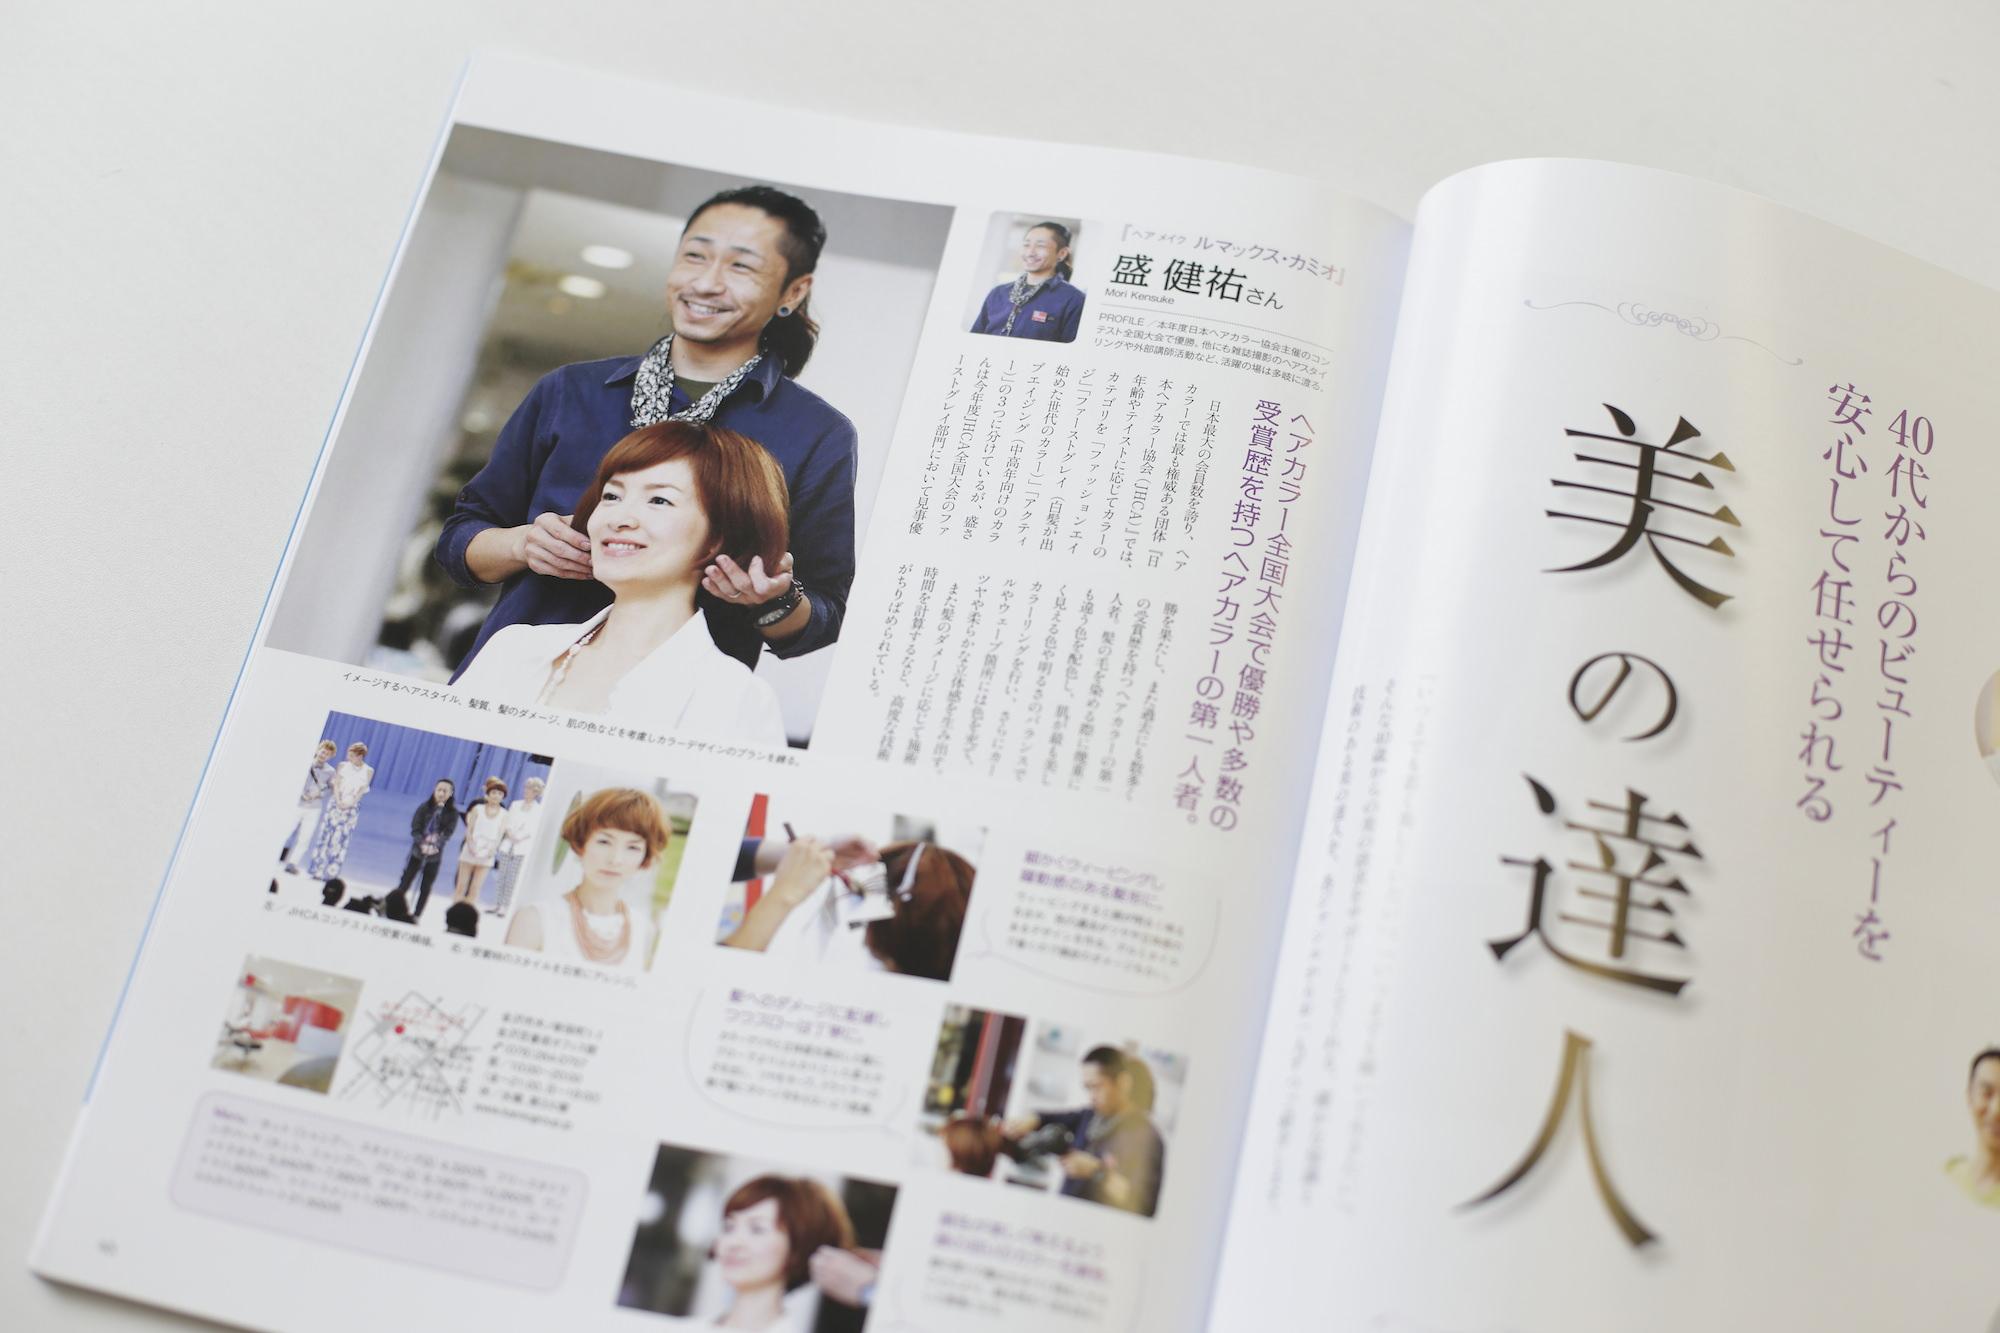 月刊金澤 盛健祐 美の達人